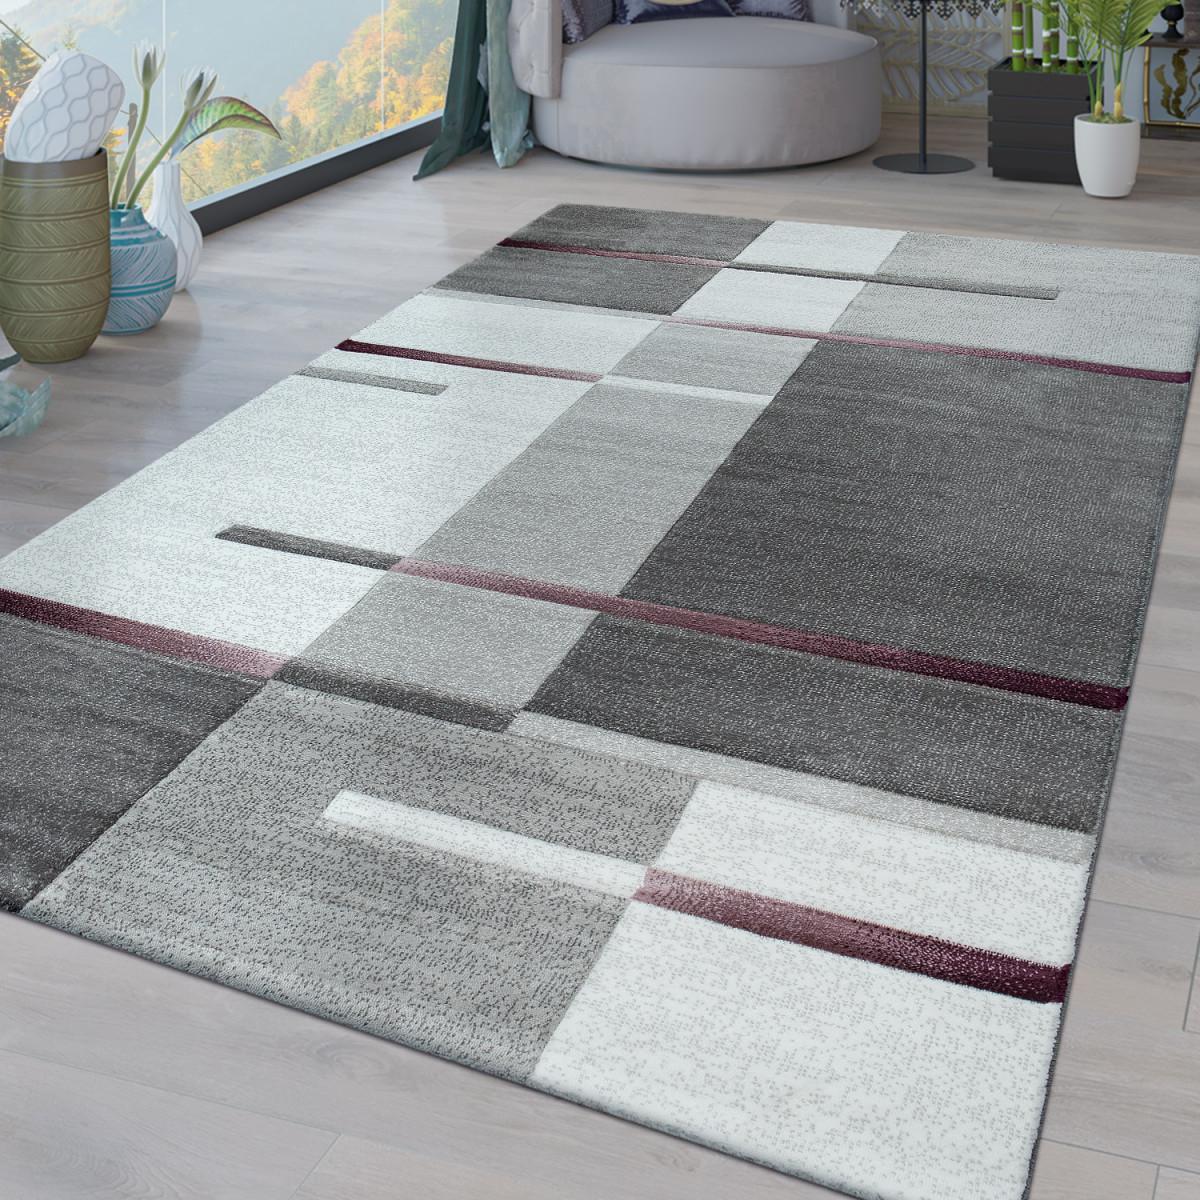 Details Zu Kurzflor Wohnzimmer Teppich Modern Geometrisches Design Karo  Muster In Lila Grau von Wohnzimmer Teppich Modern Bild